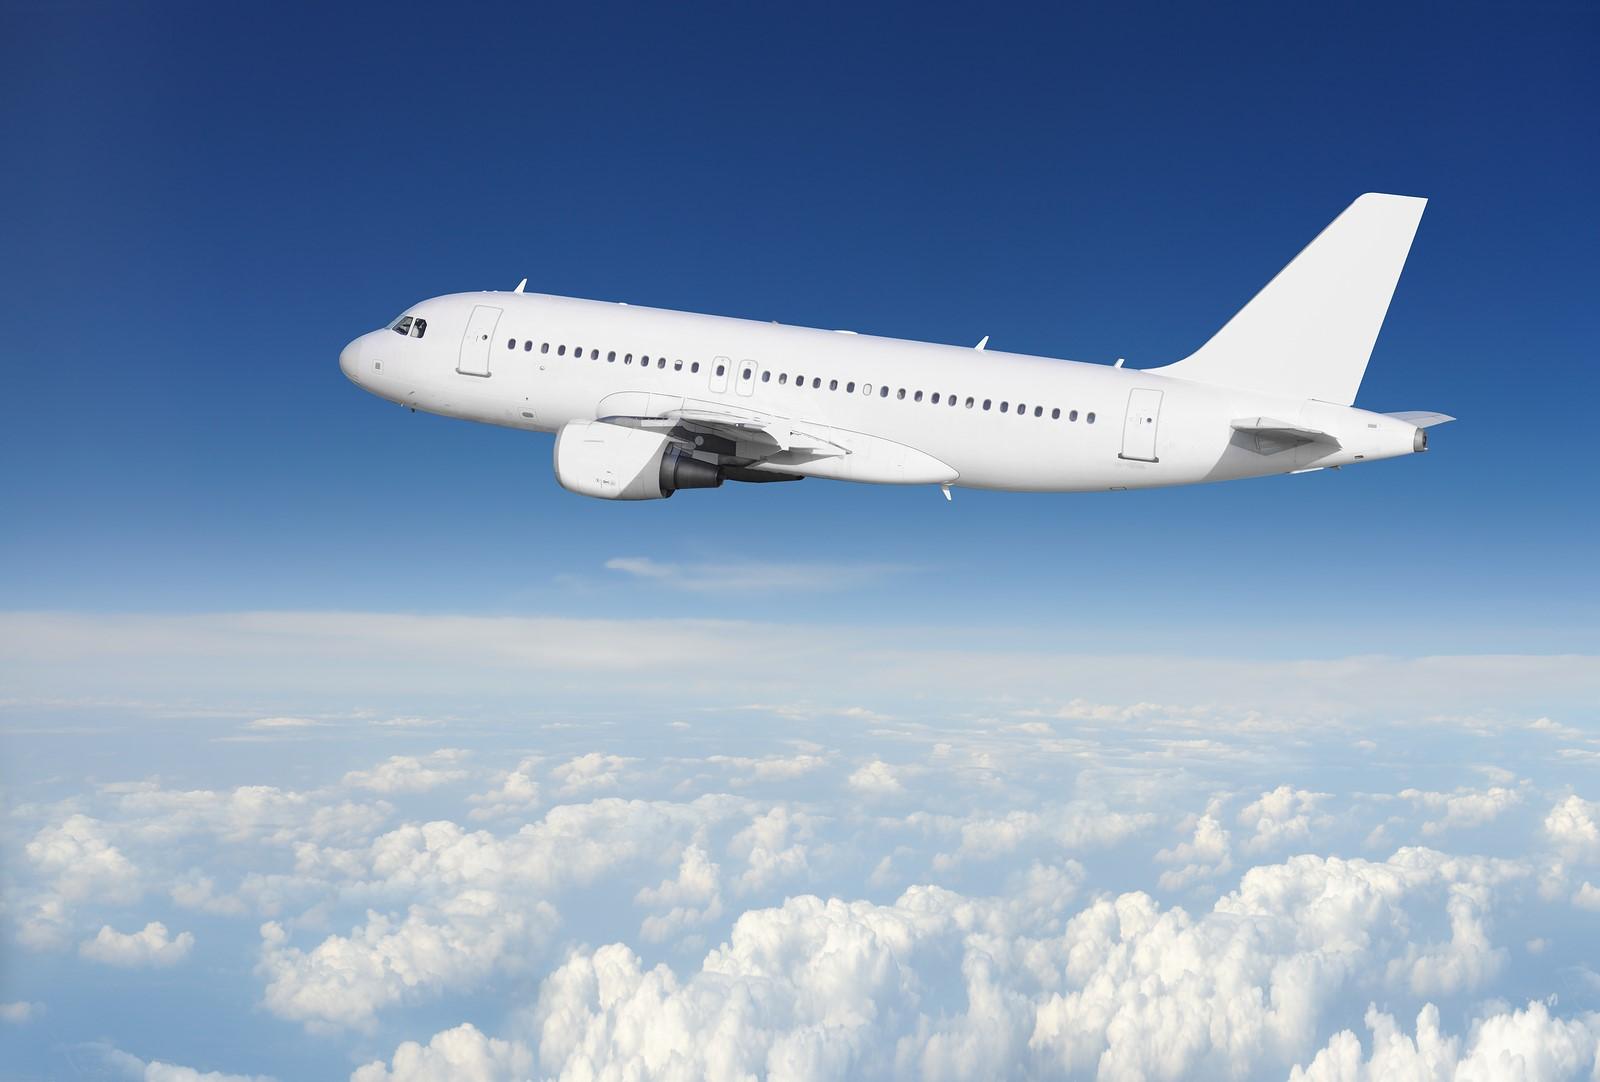 Картинка самолет в профиль